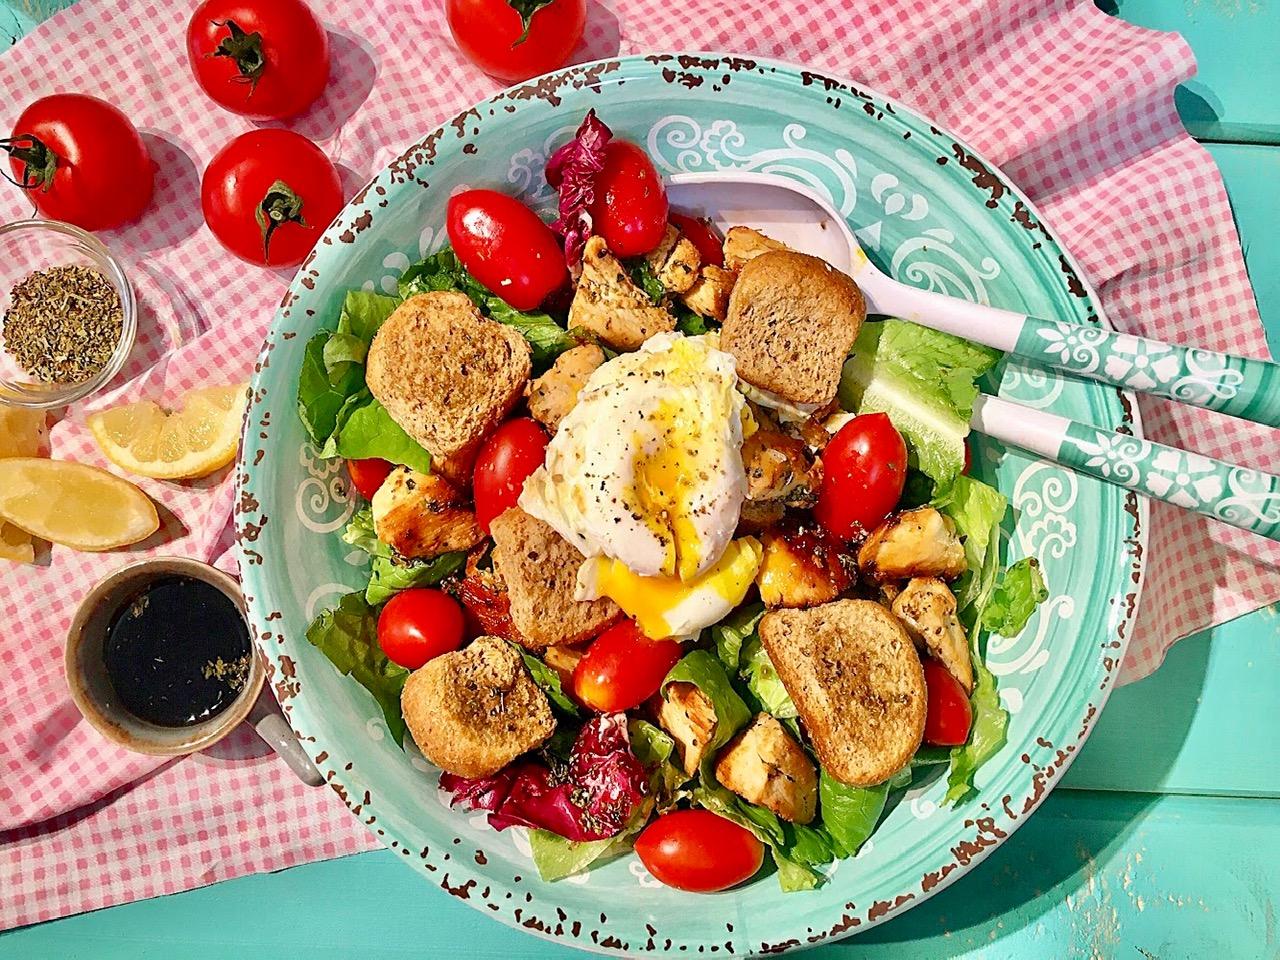 Σαλάτα της Λένας με αυγά ποσέ